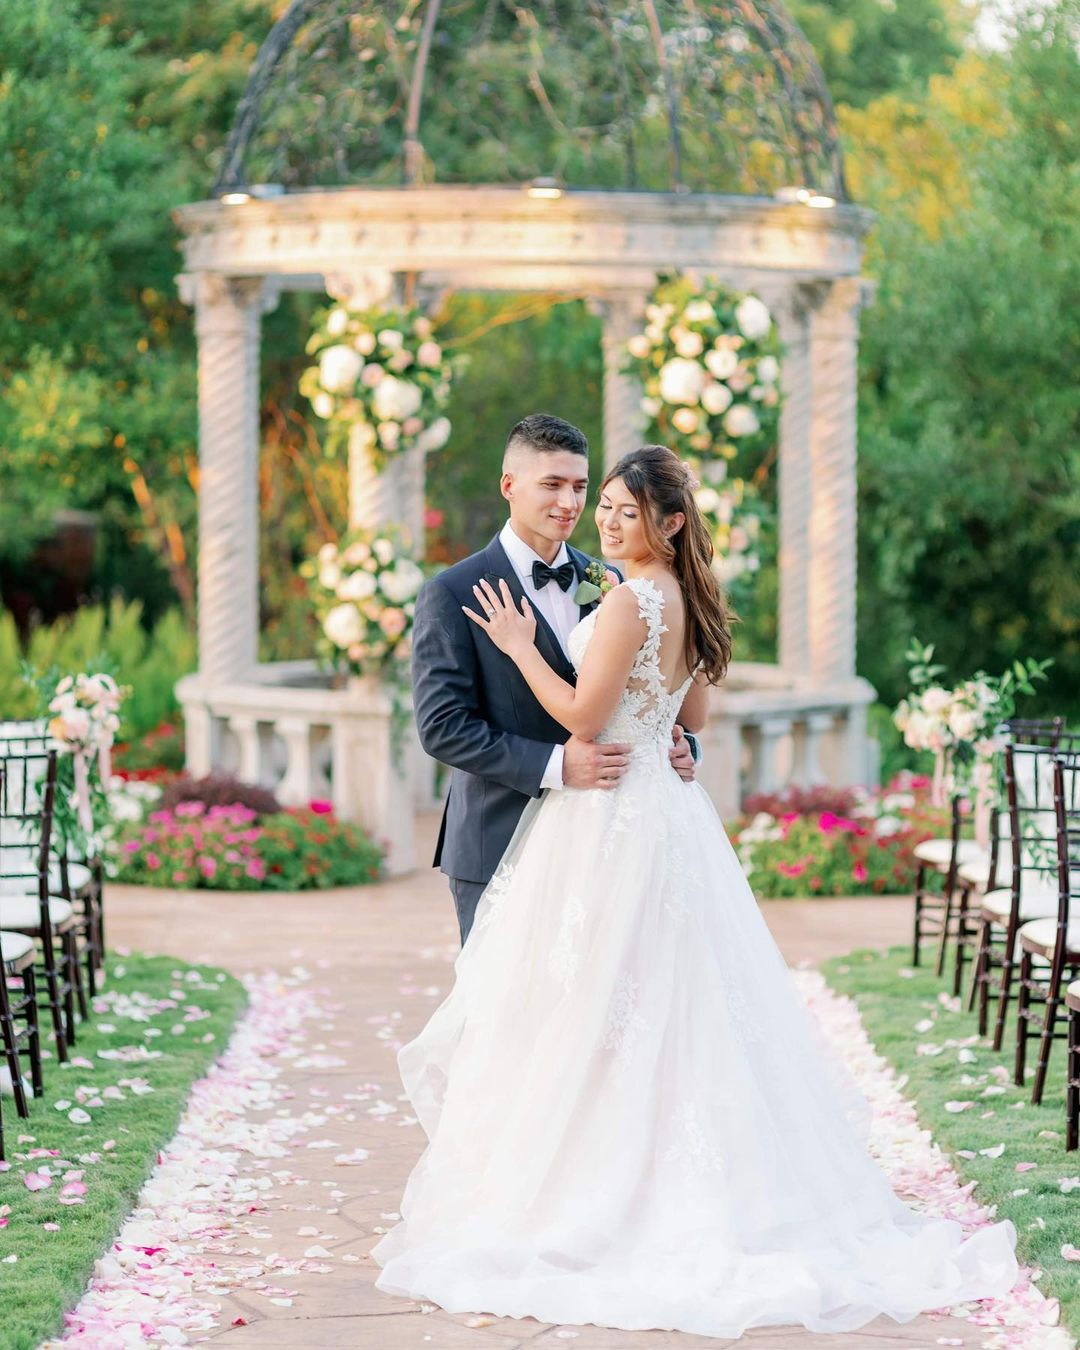 plano wedding venue